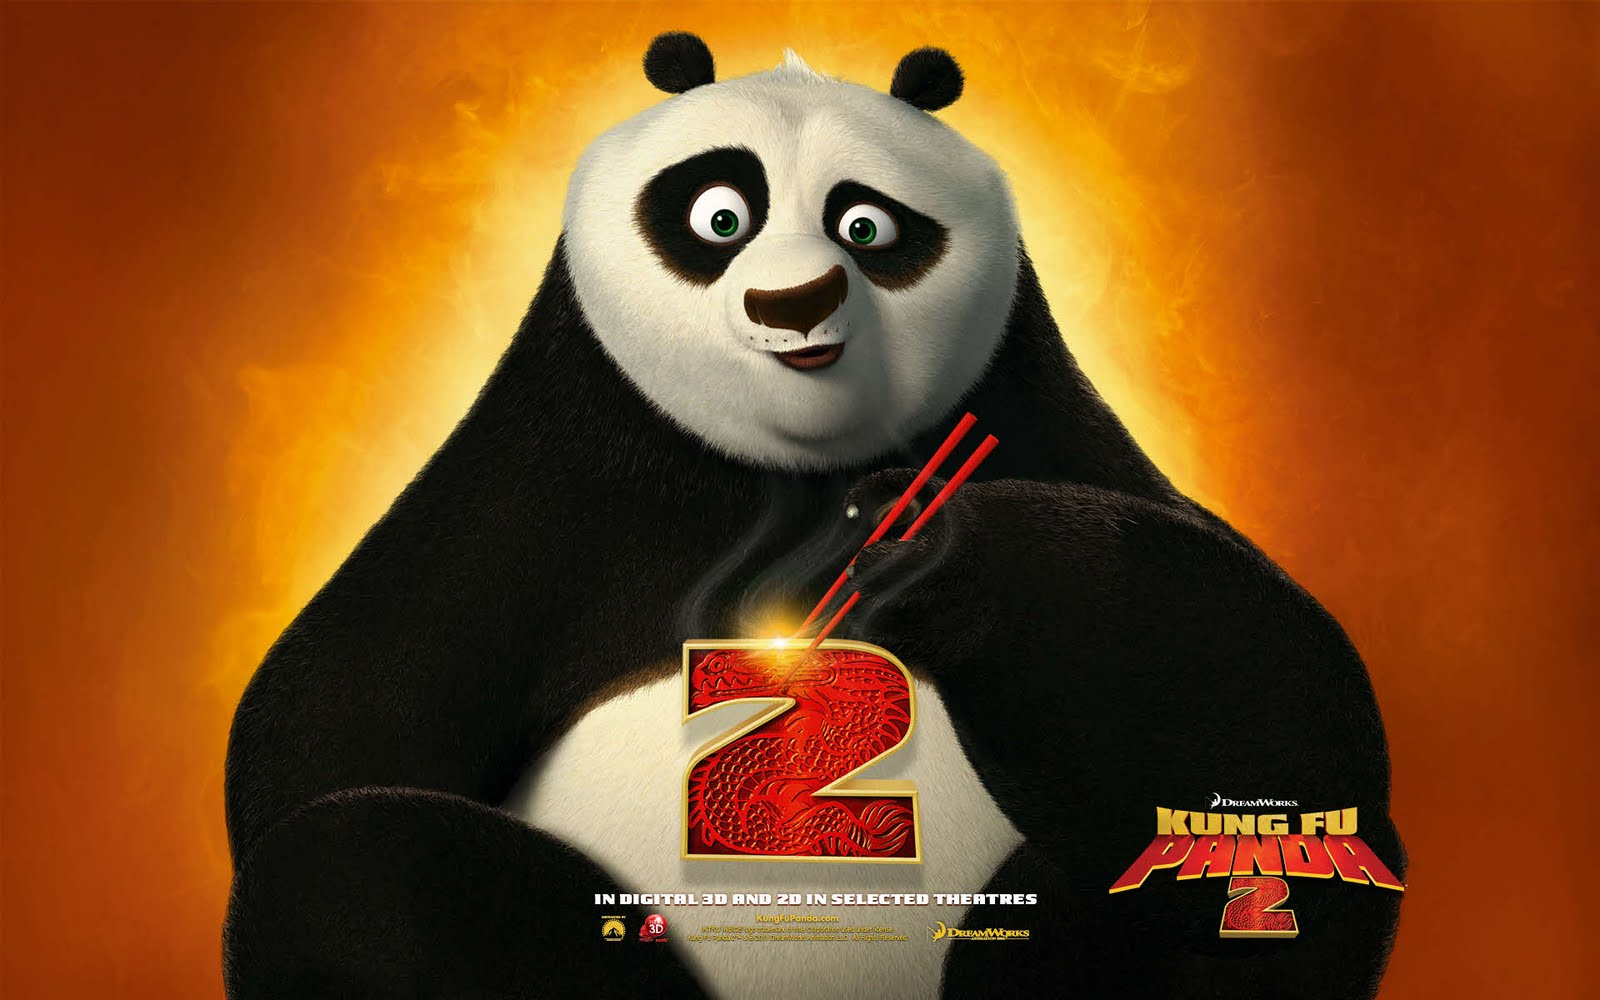 http://2.bp.blogspot.com/-nejOoArcJqs/TkNuGAAGhWI/AAAAAAAAC44/qKgvvayBgeU/s1600/Kungfu-Panda-2-Wallpaper-2.jpg